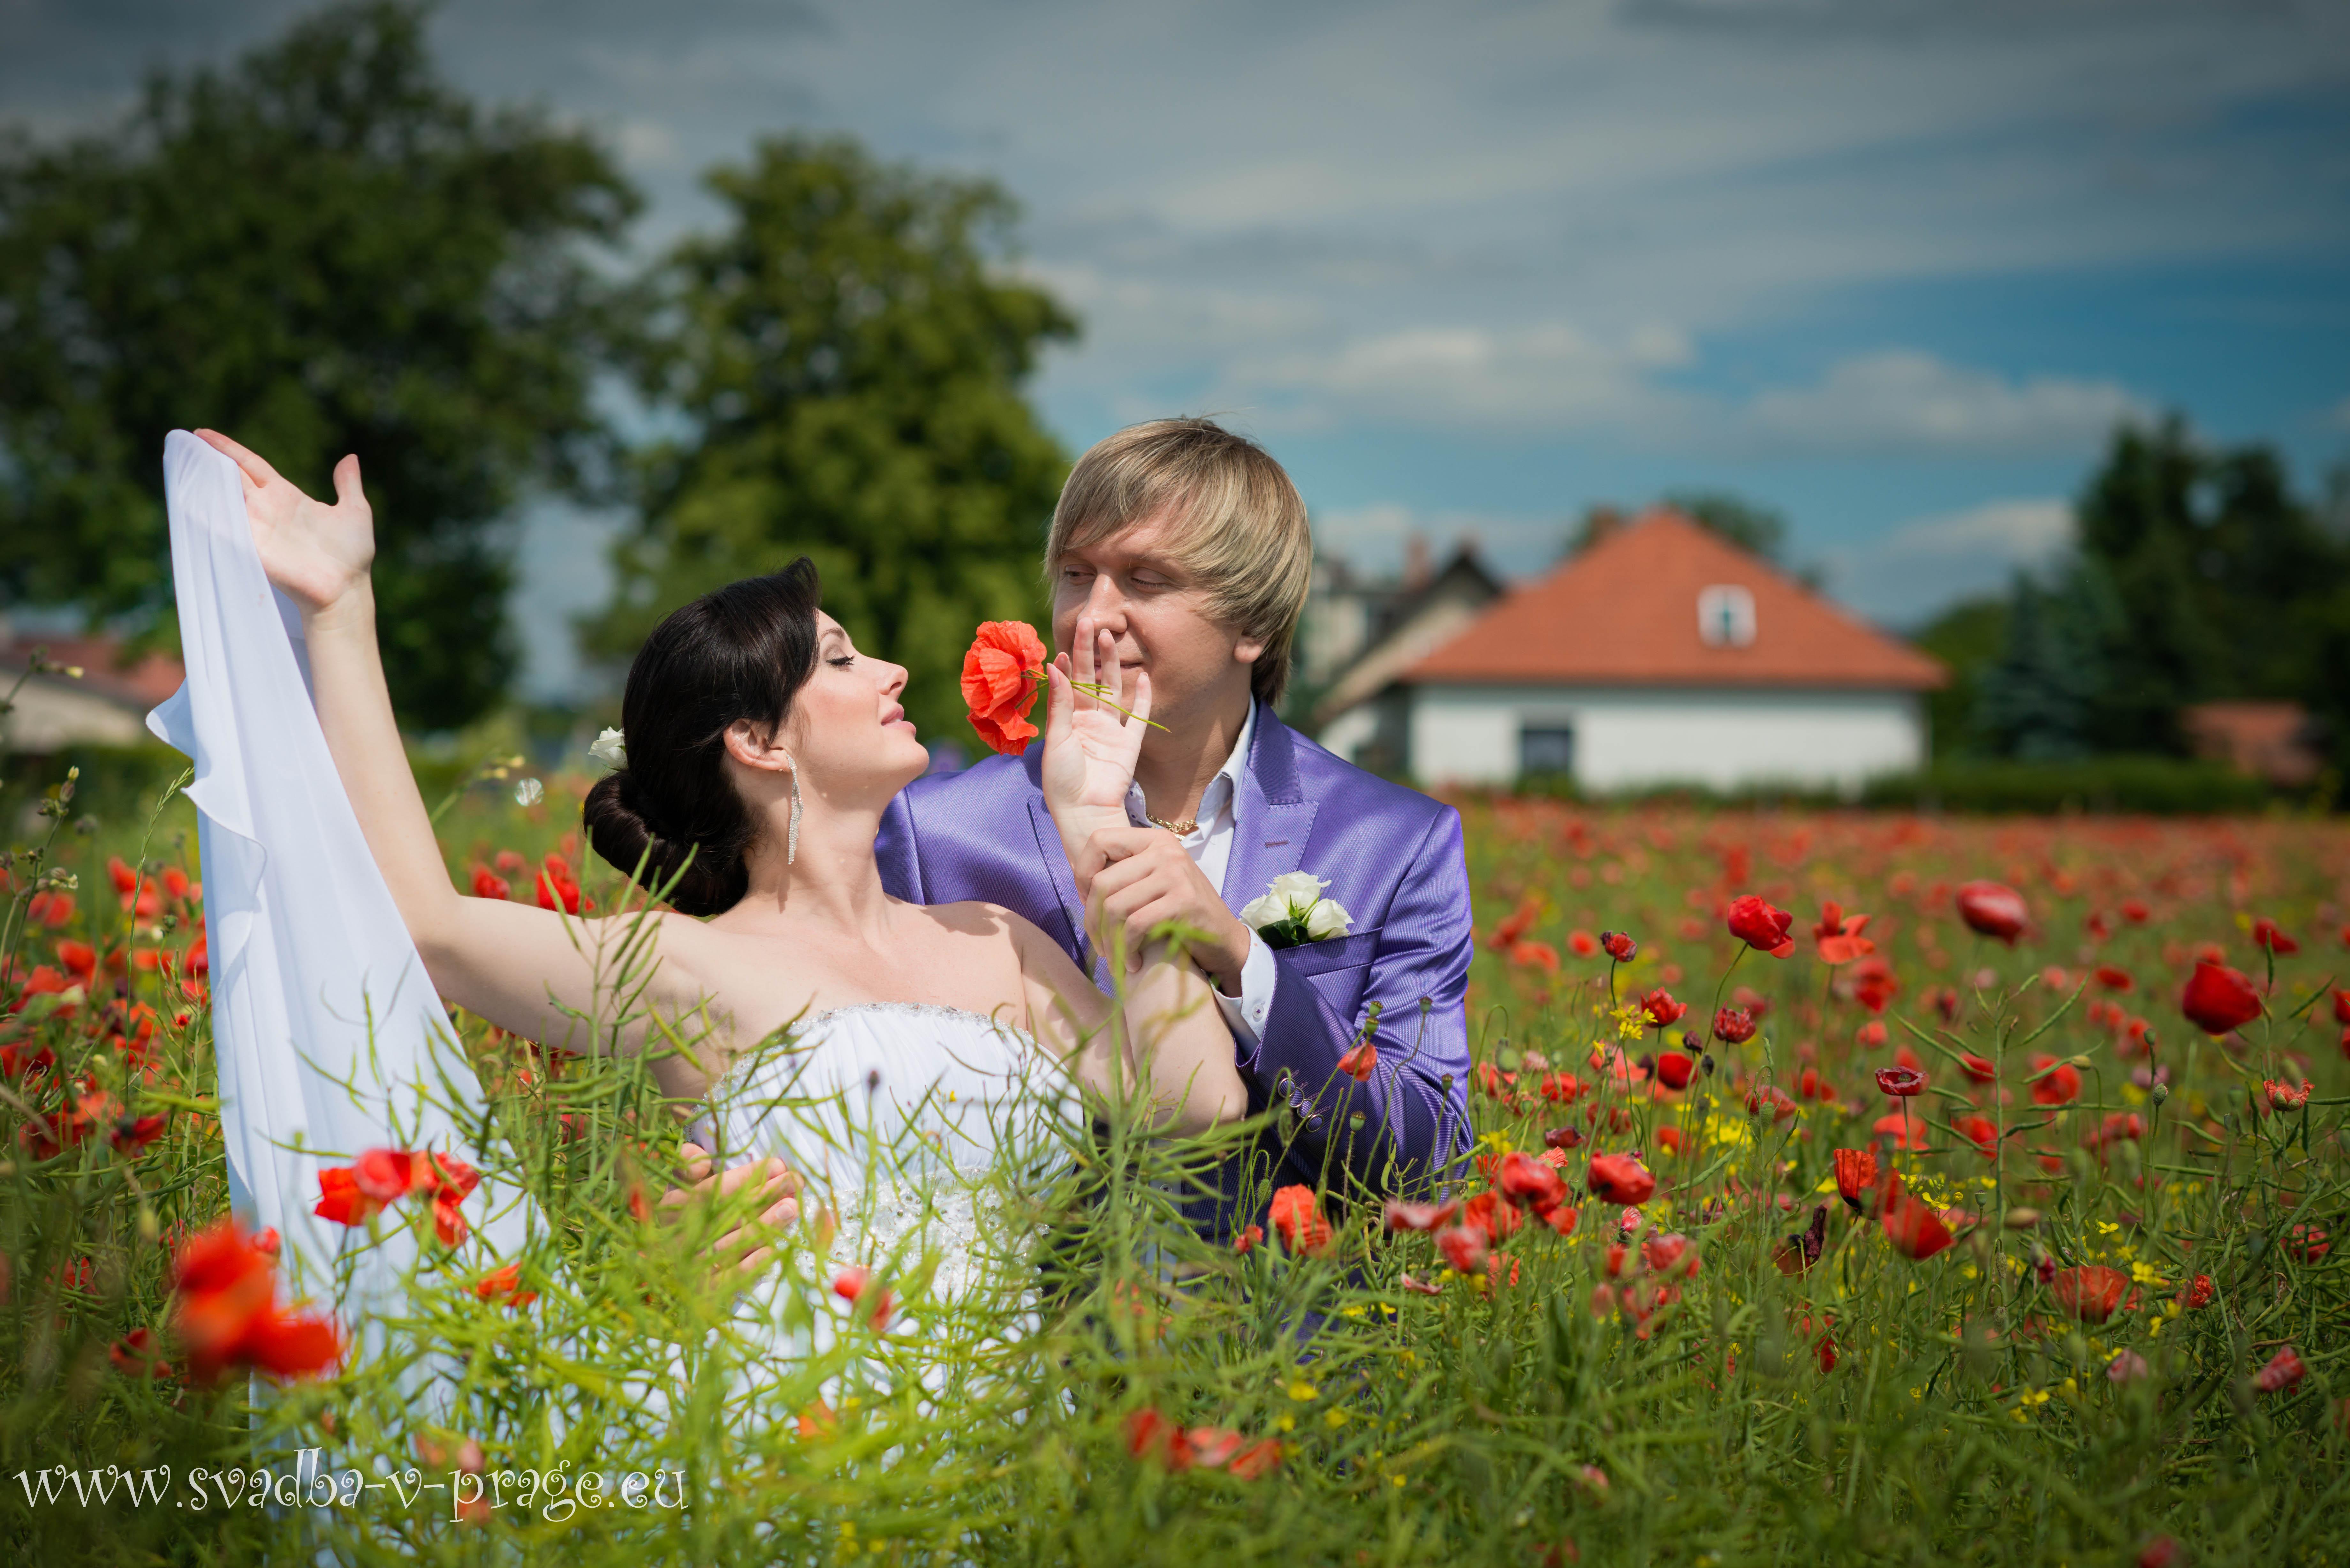 Свадьба в замке Карлштейн Андрея и Олеси 14.6.2013 - фото Свадьба в замке Карлштейн